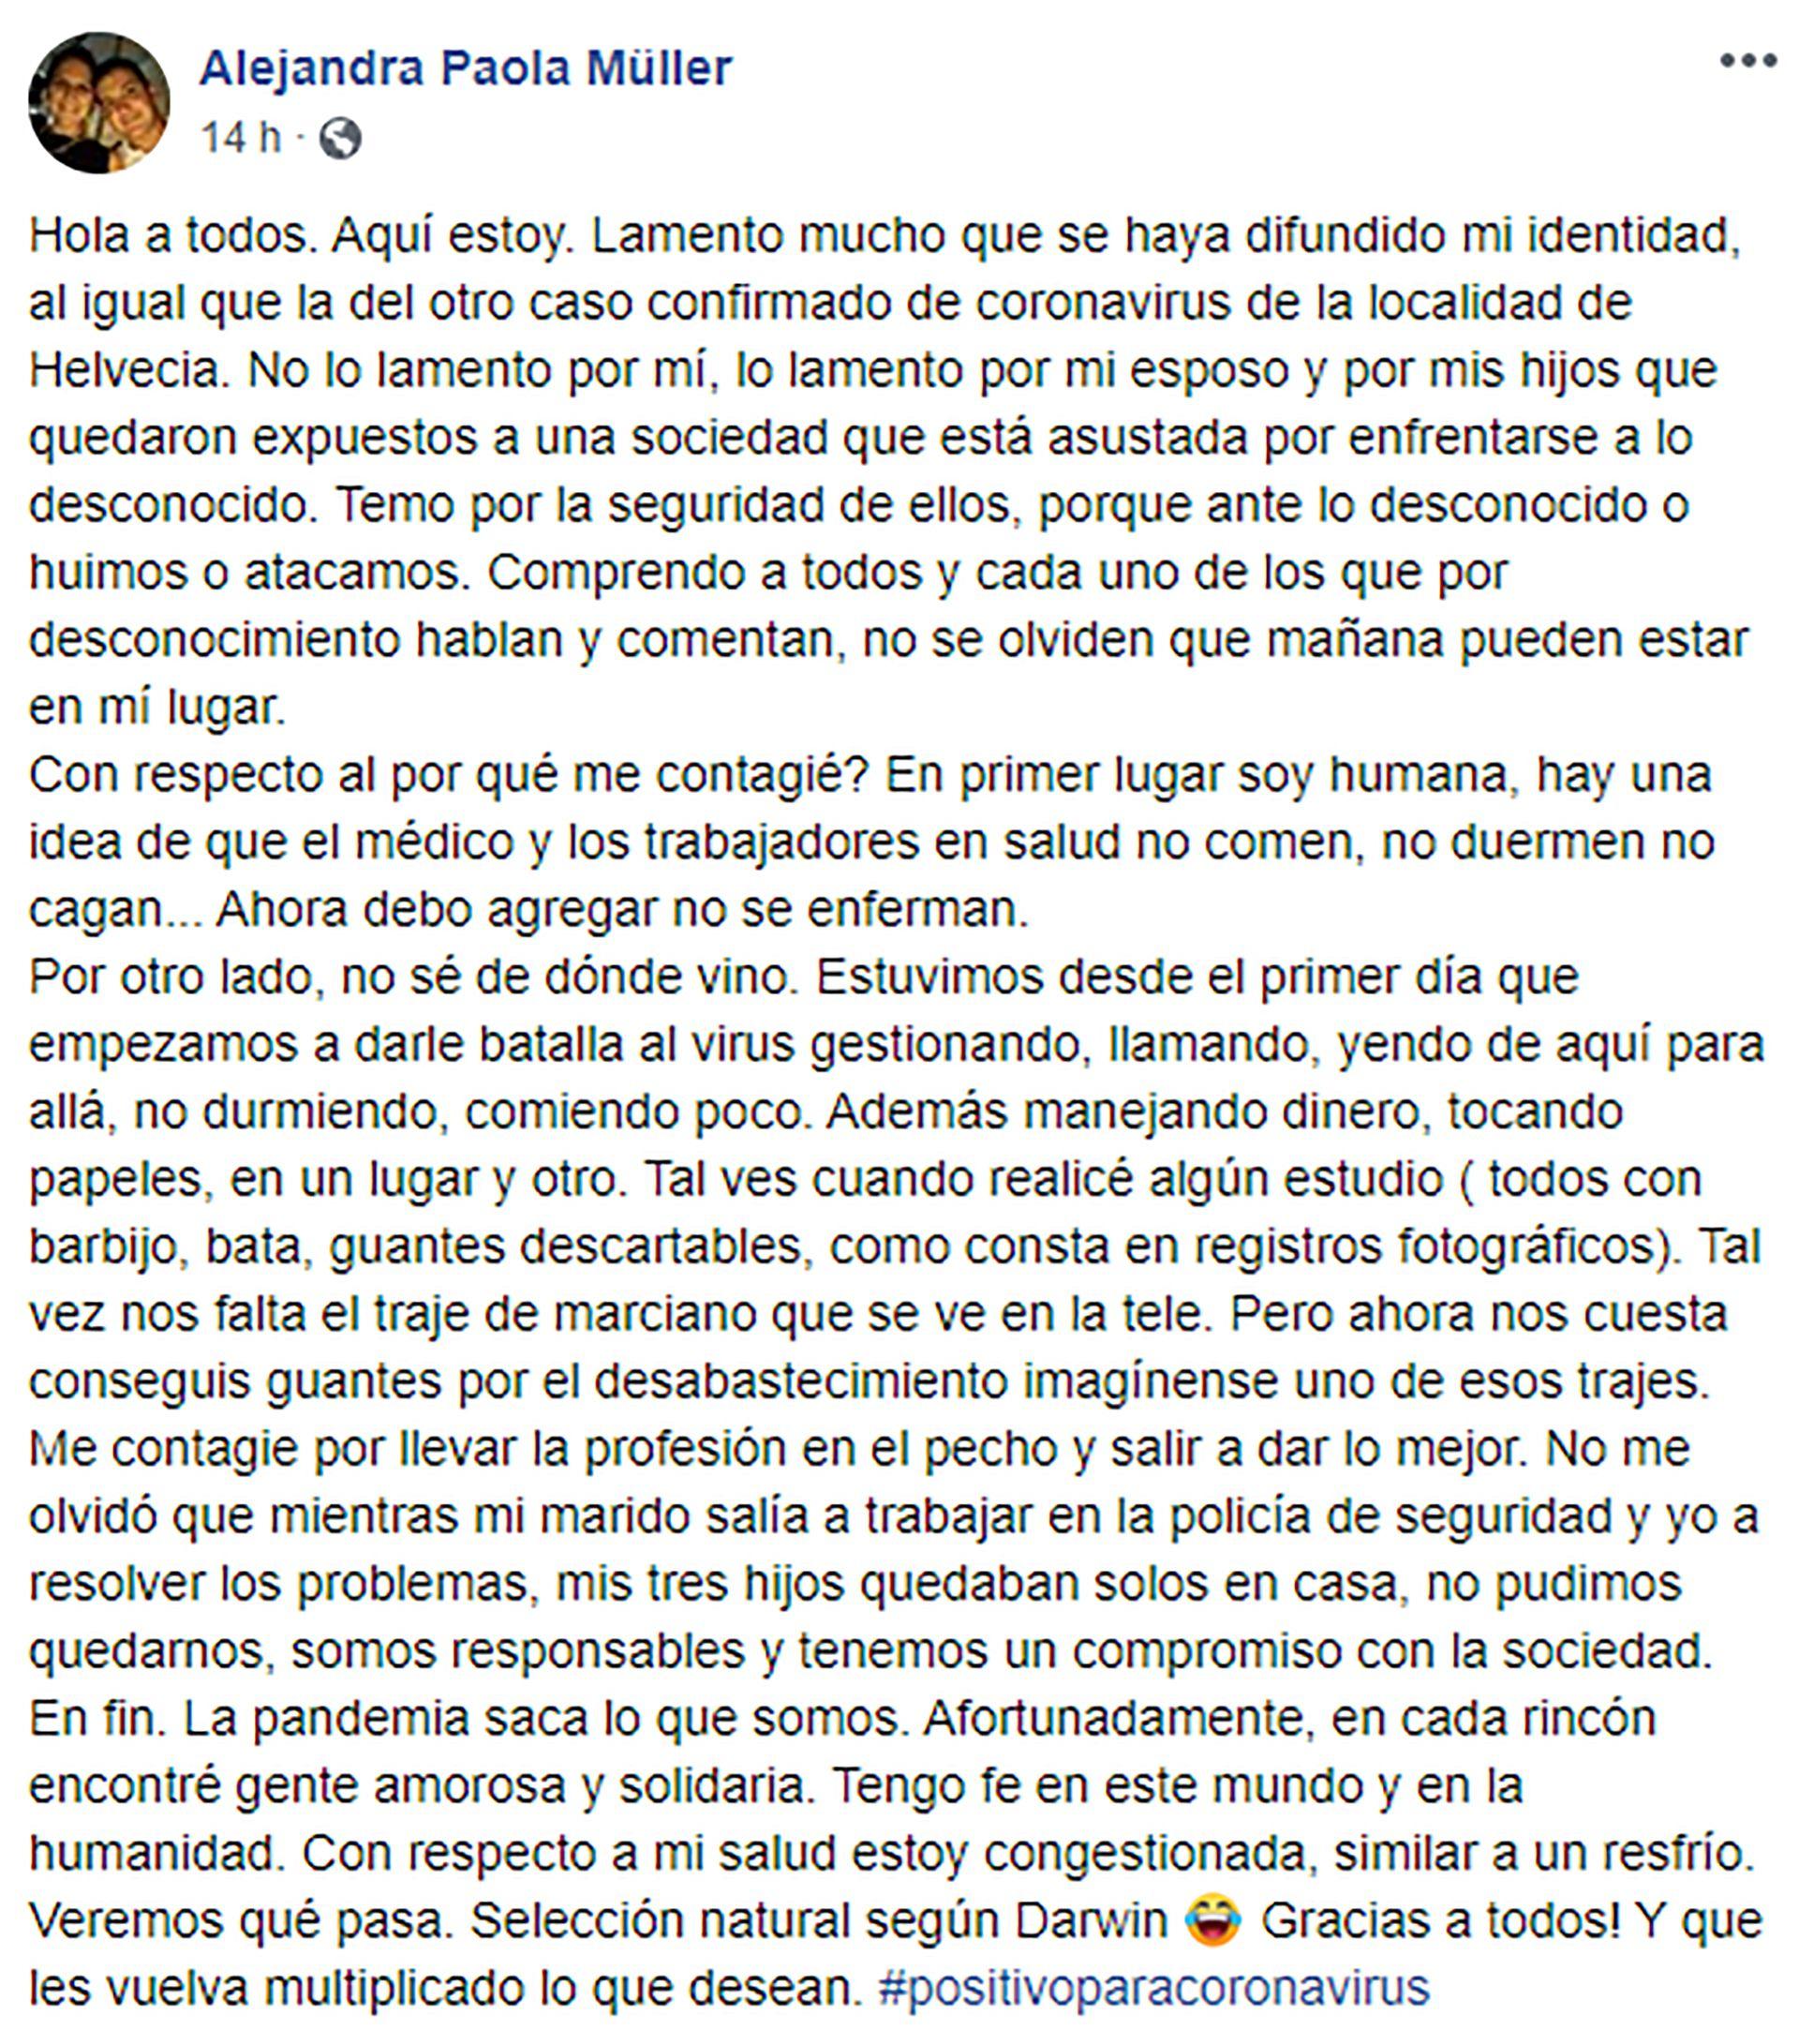 La carta de Alejandra Paola Müller que publicó el martes en su cuenta de Facebook